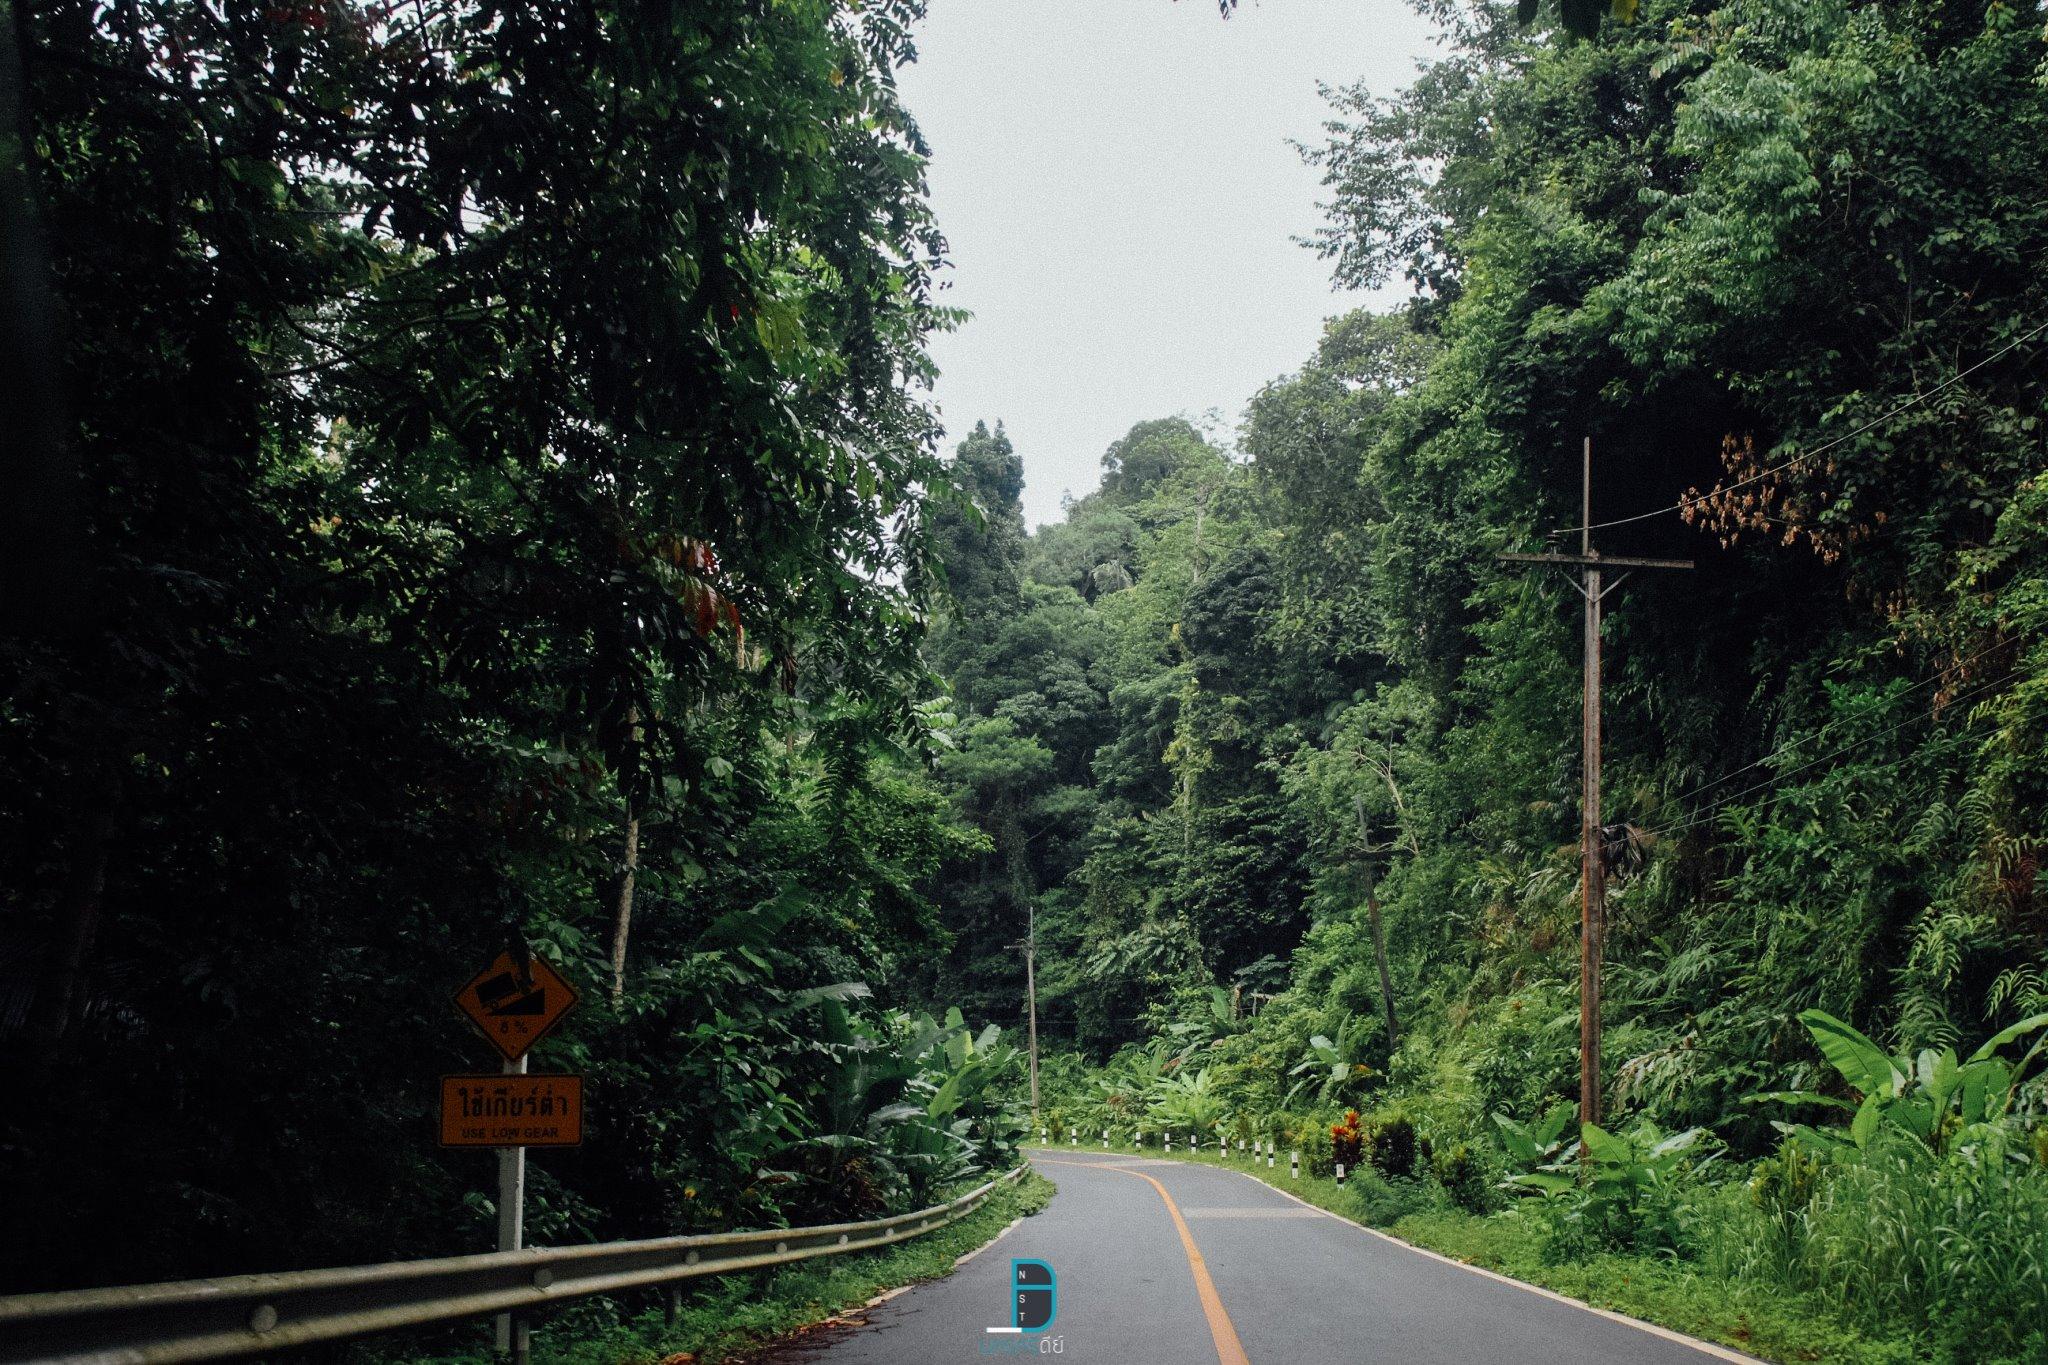 แถมนิดนึงคือเส้นทางระหว่างทางที่ก่อนจะไปถึง-บ้านสวนทองคำโฮมสเตย์-คือสวยมากๆครับ-อยากให้ทุกคนได้ไปชมกัน  ธรรมชาติ,ลำธาร,ป่าเขา,นครศรีธรรมราช,เมืองคอน,รวมรีวิว,จุดเช็คอิน